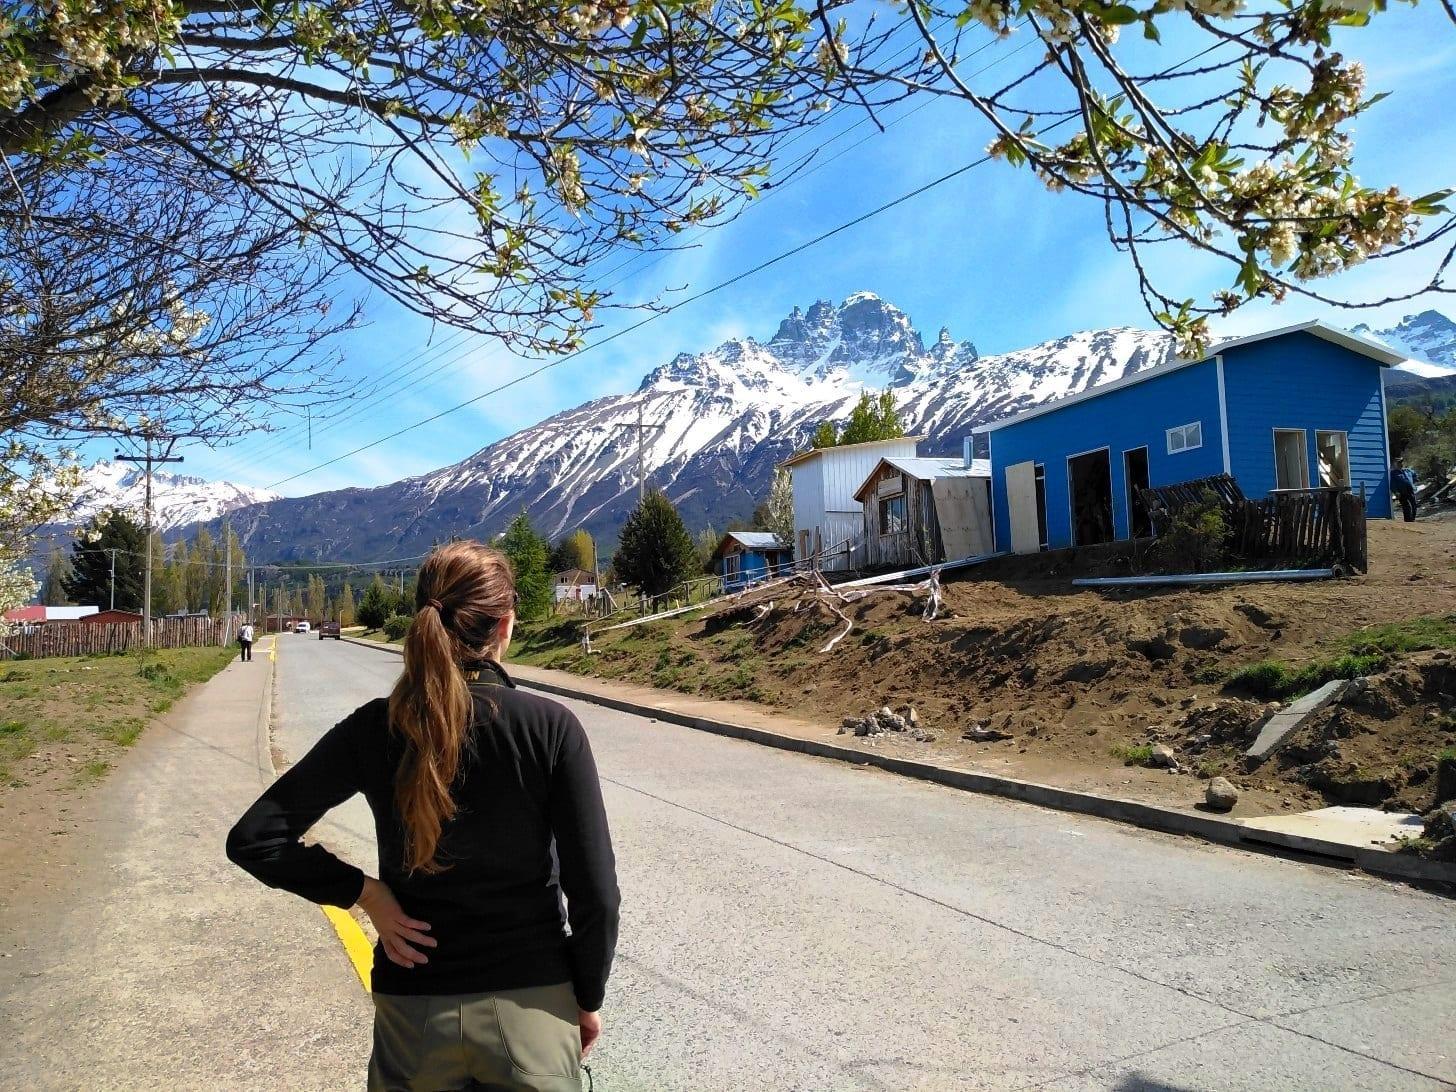 Cerro Castillo, Capillas de Marmol tour como llegar LikeChile, como chegar